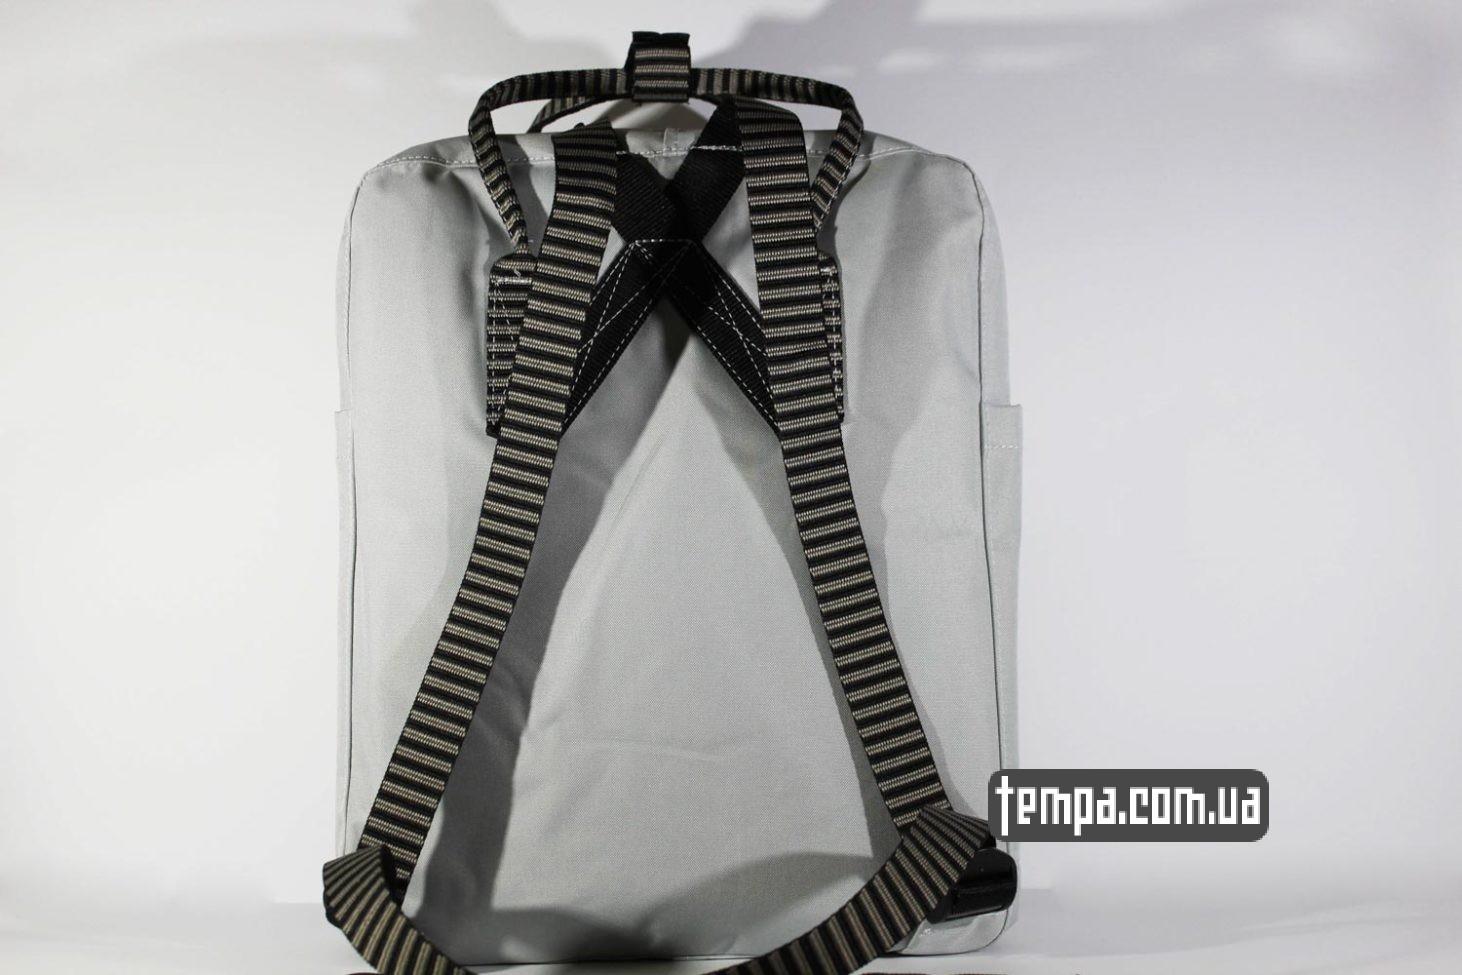 купить оригинальный рюкзак Купить Рюкзак Fjallraven Kånken 16 по выгодной цене серый цвет